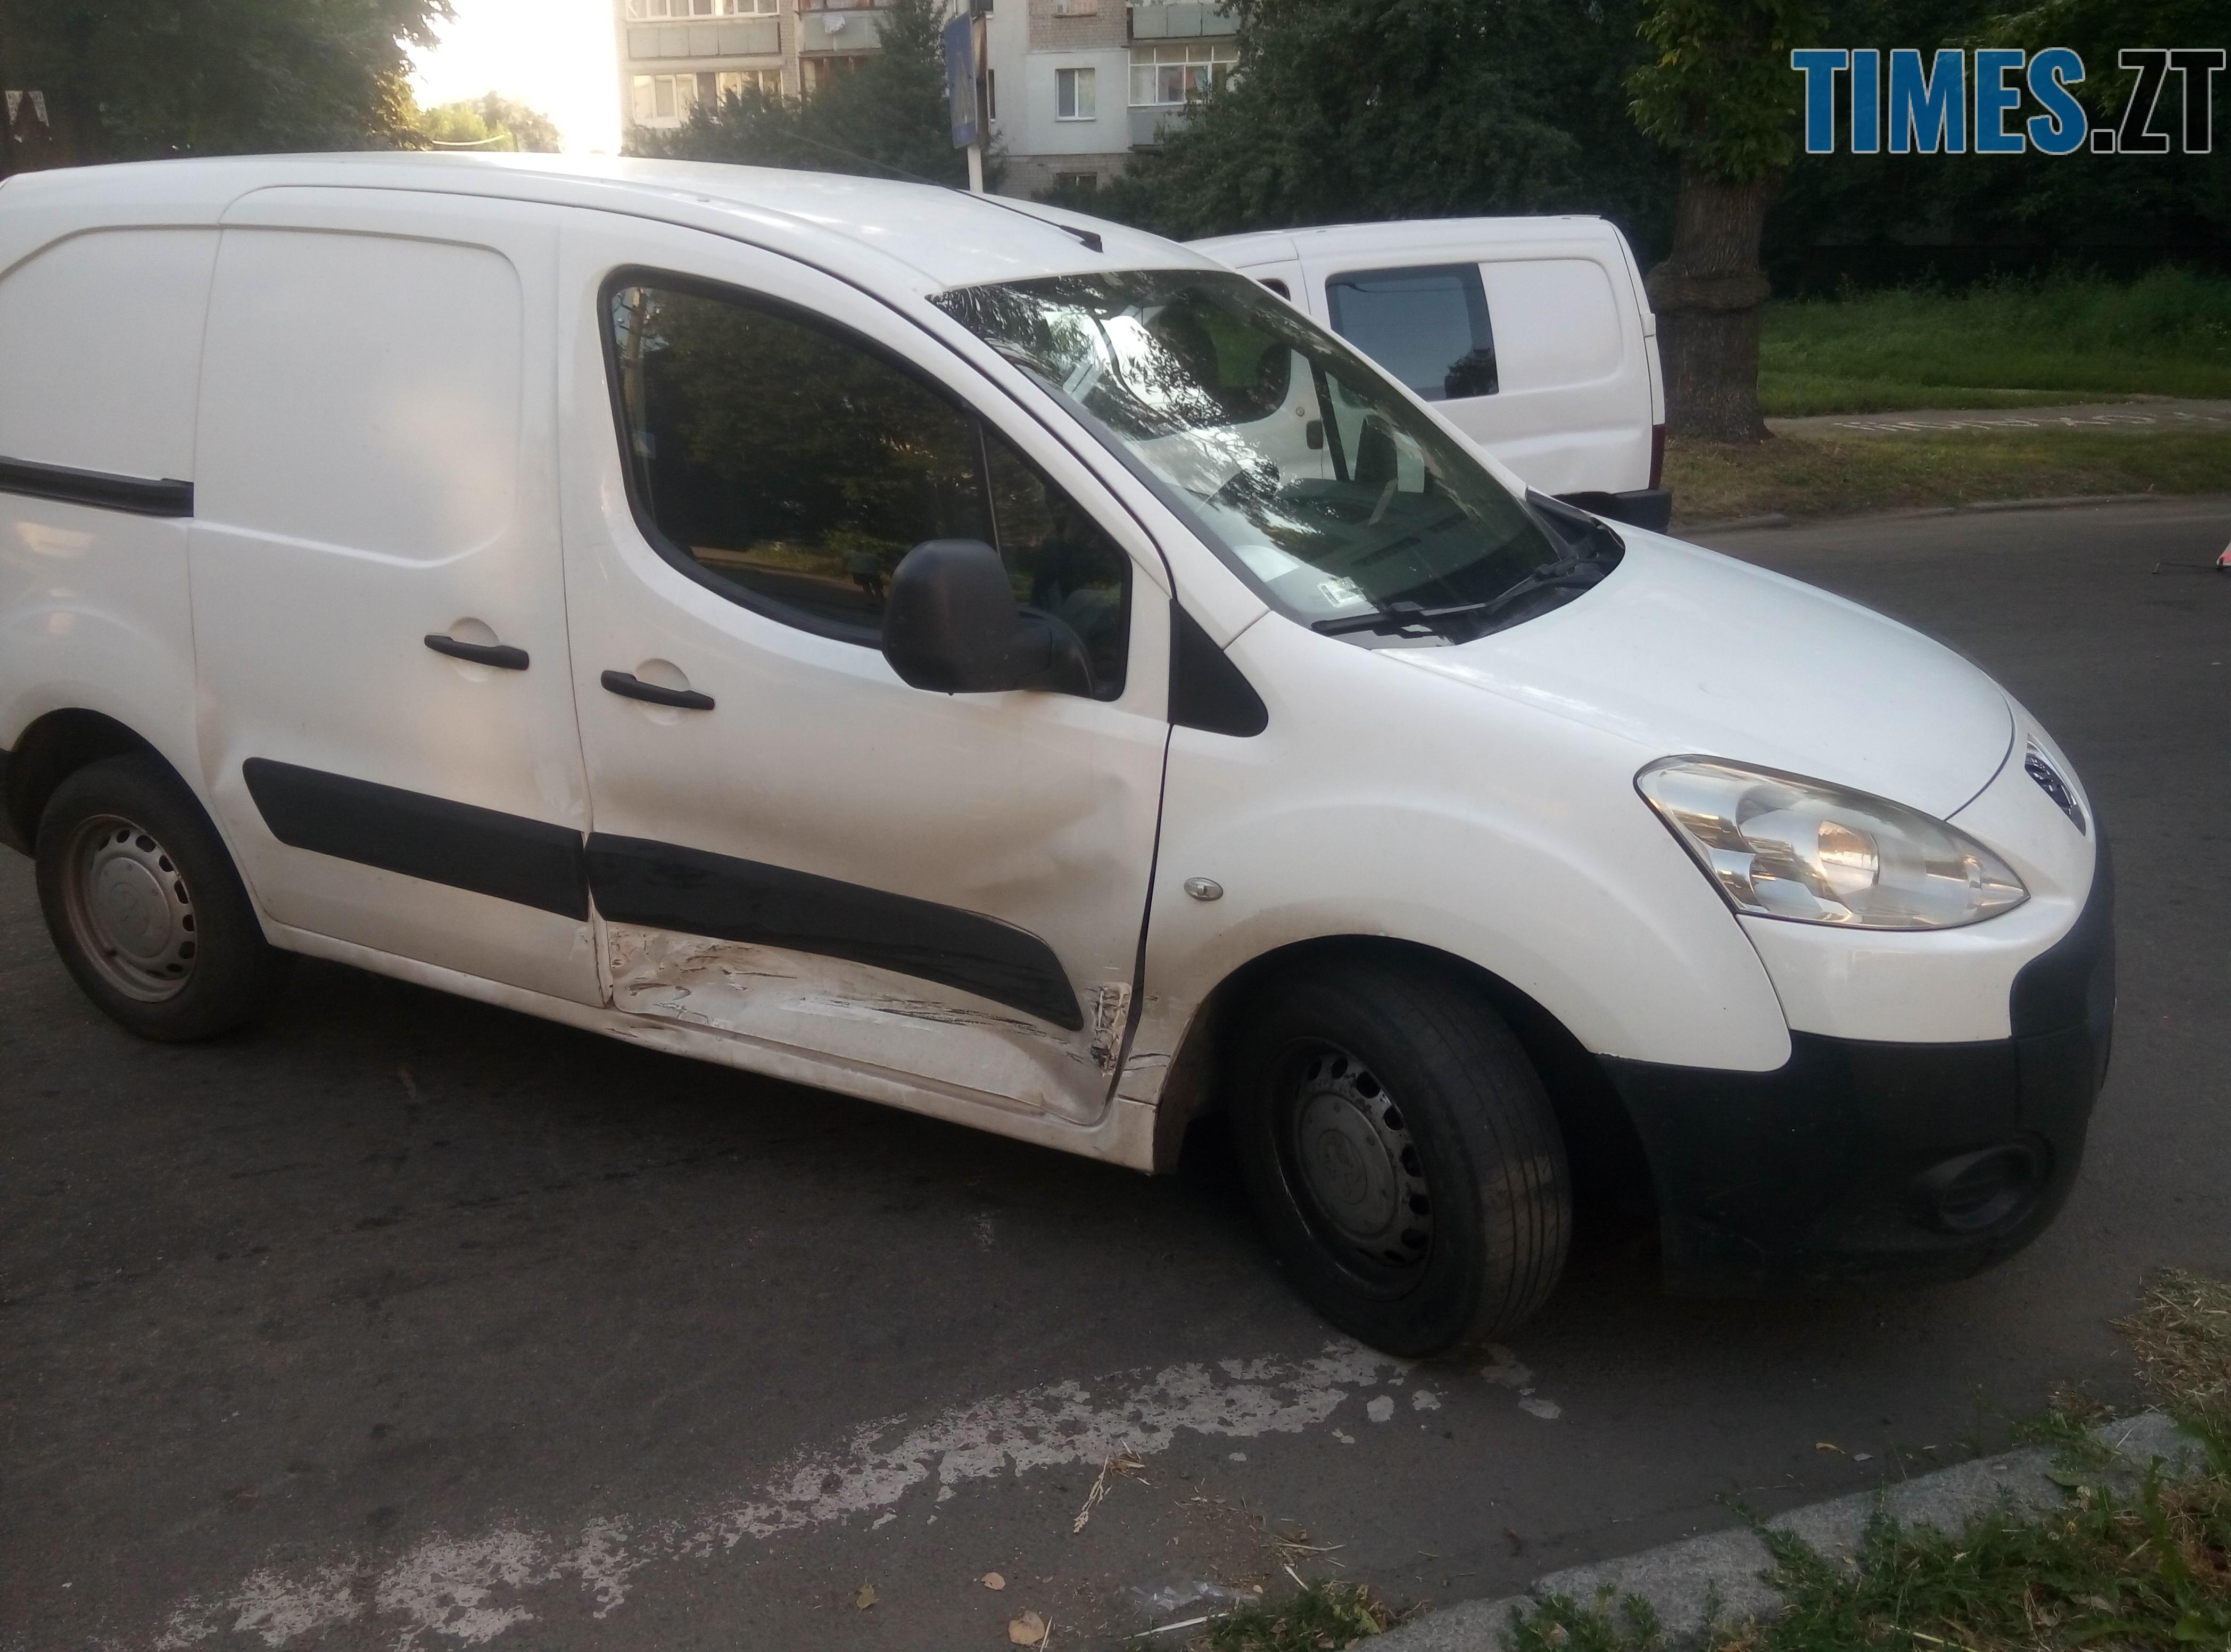 P80814 175612 - У Житомирі зіткнулися три автомобілі: водійка Lanos отримала струс мозку (ФОТО)